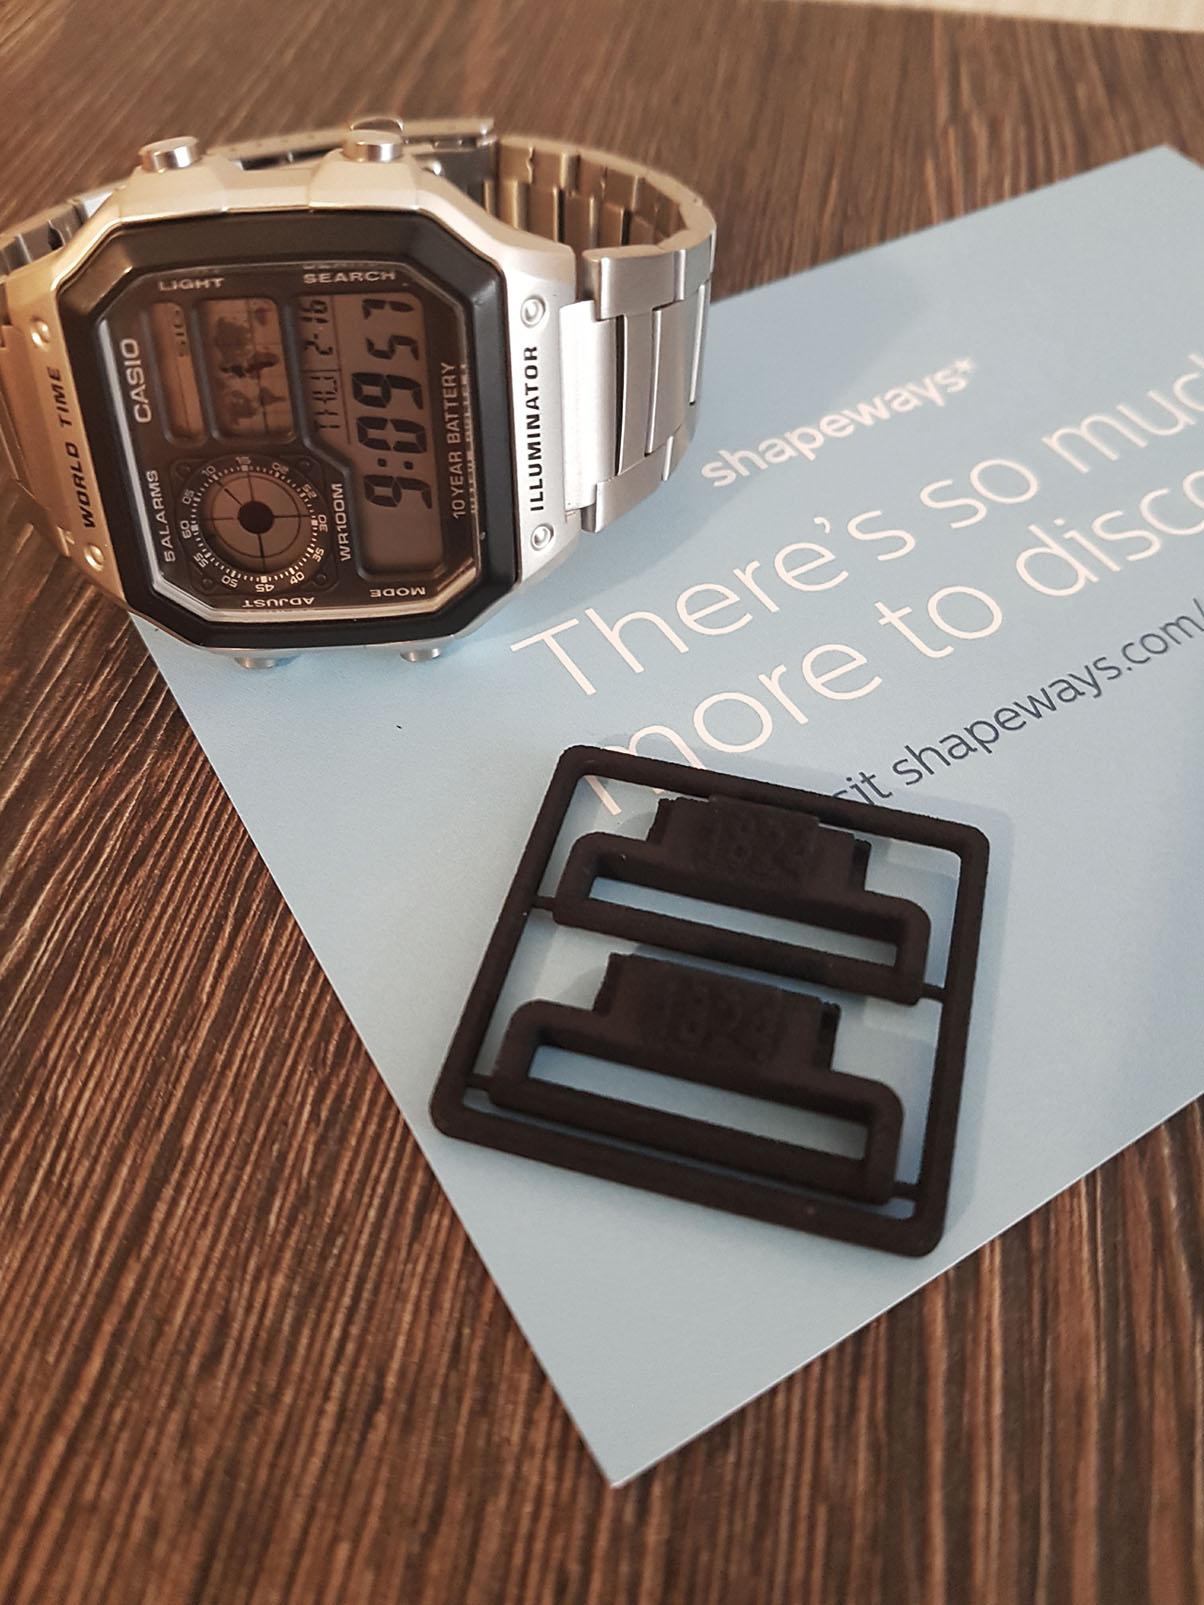 És Te nyomtatnál magadnak órát? 3D nyomtatás az óraiparban.